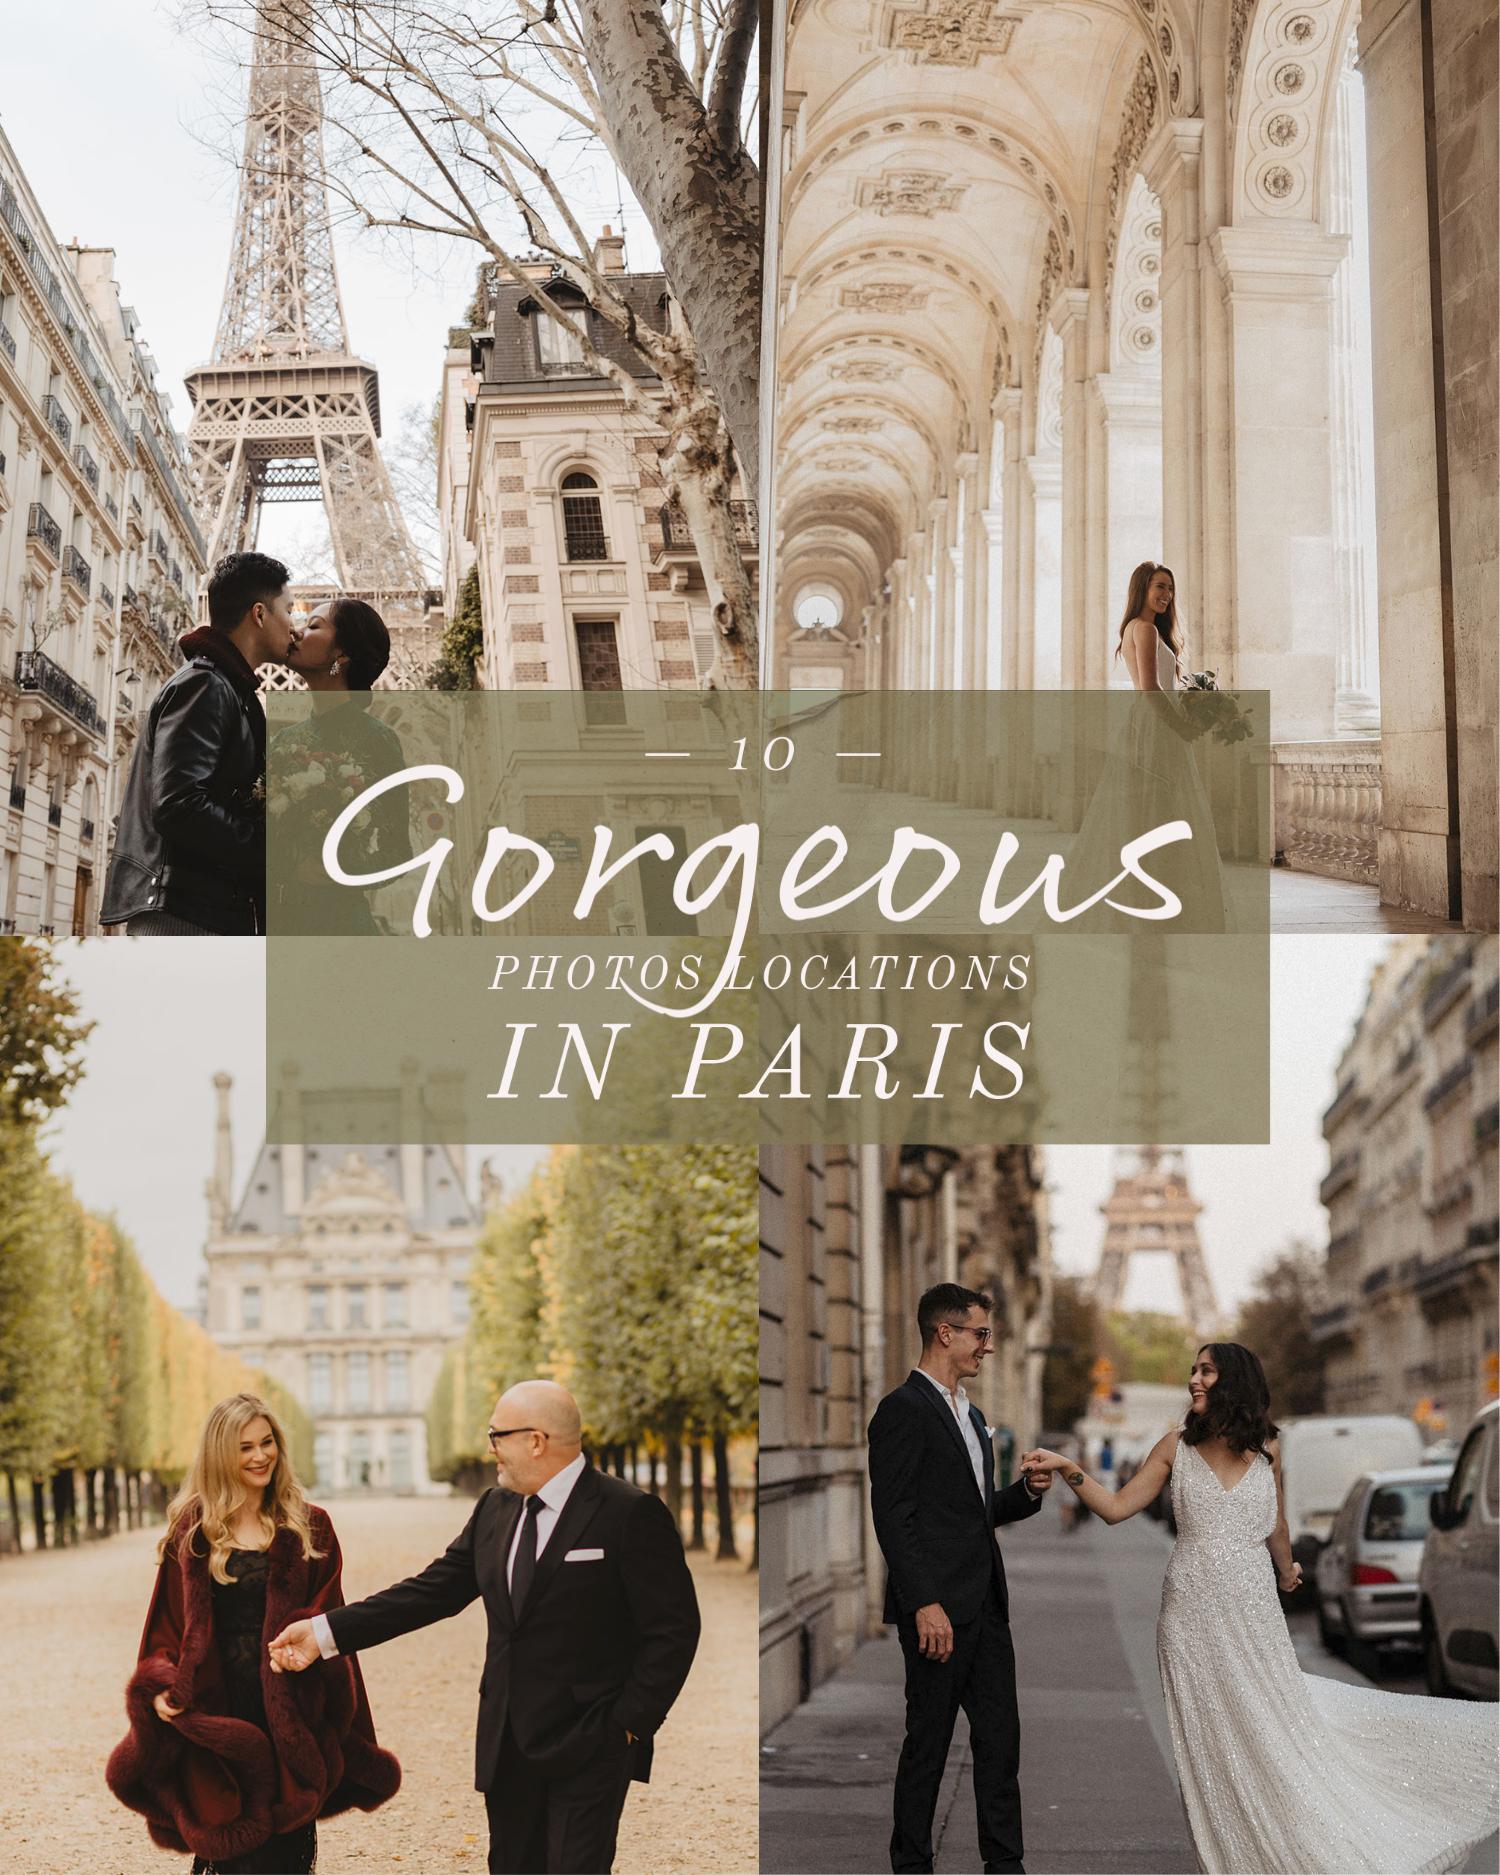 10 gorgeous photos location in Paris